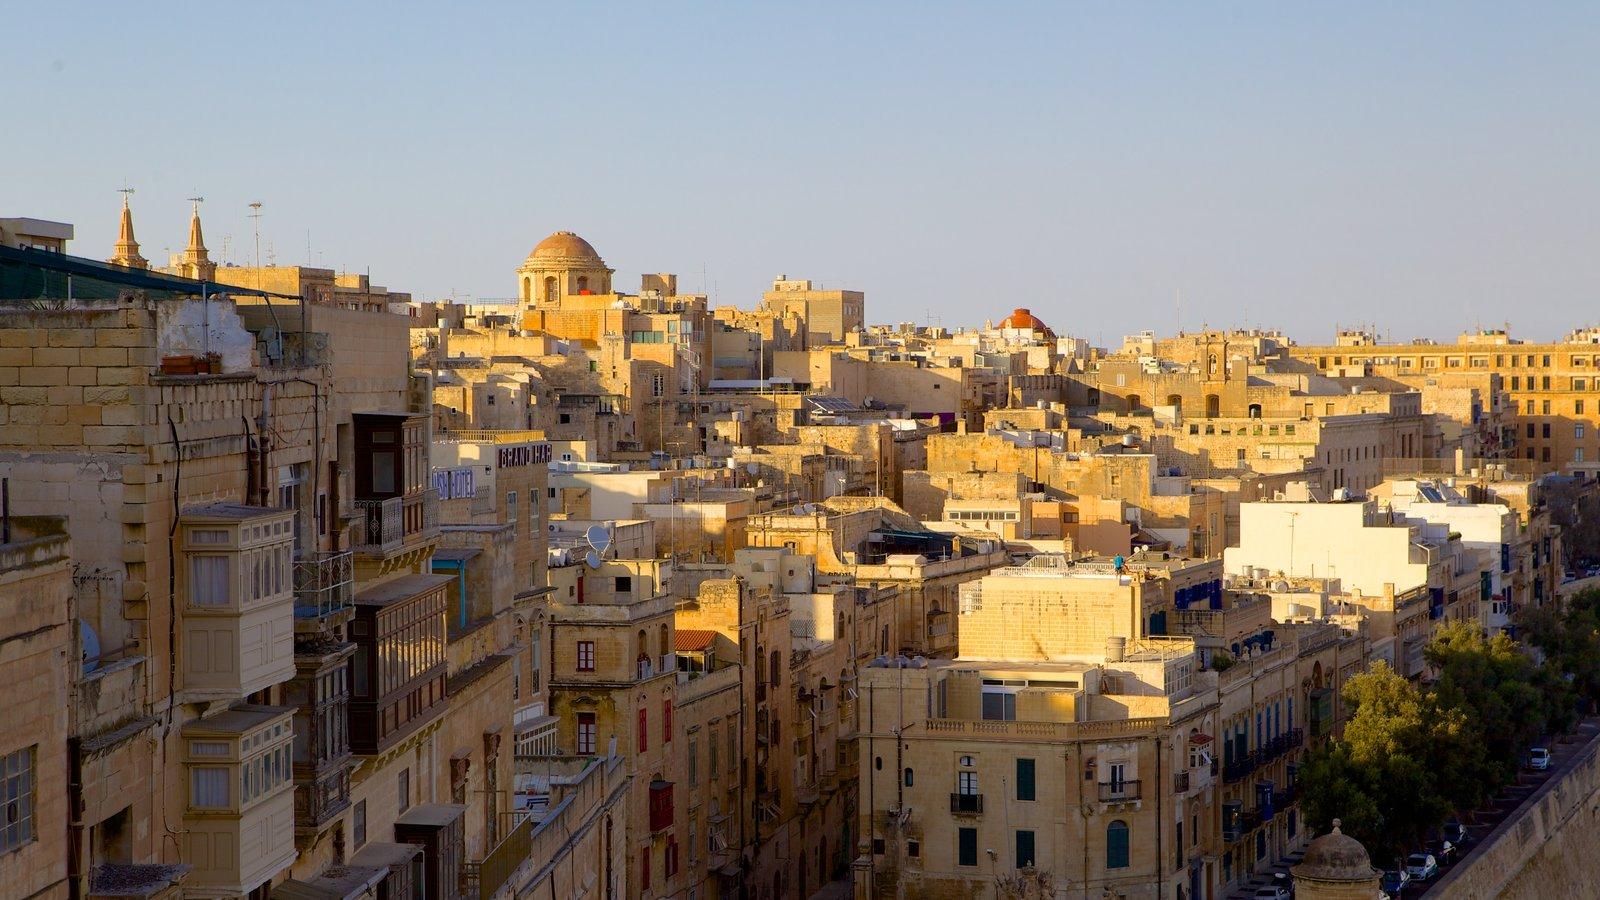 La Valeta mostrando una ciudad, una puesta de sol y patrimonio de arquitectura